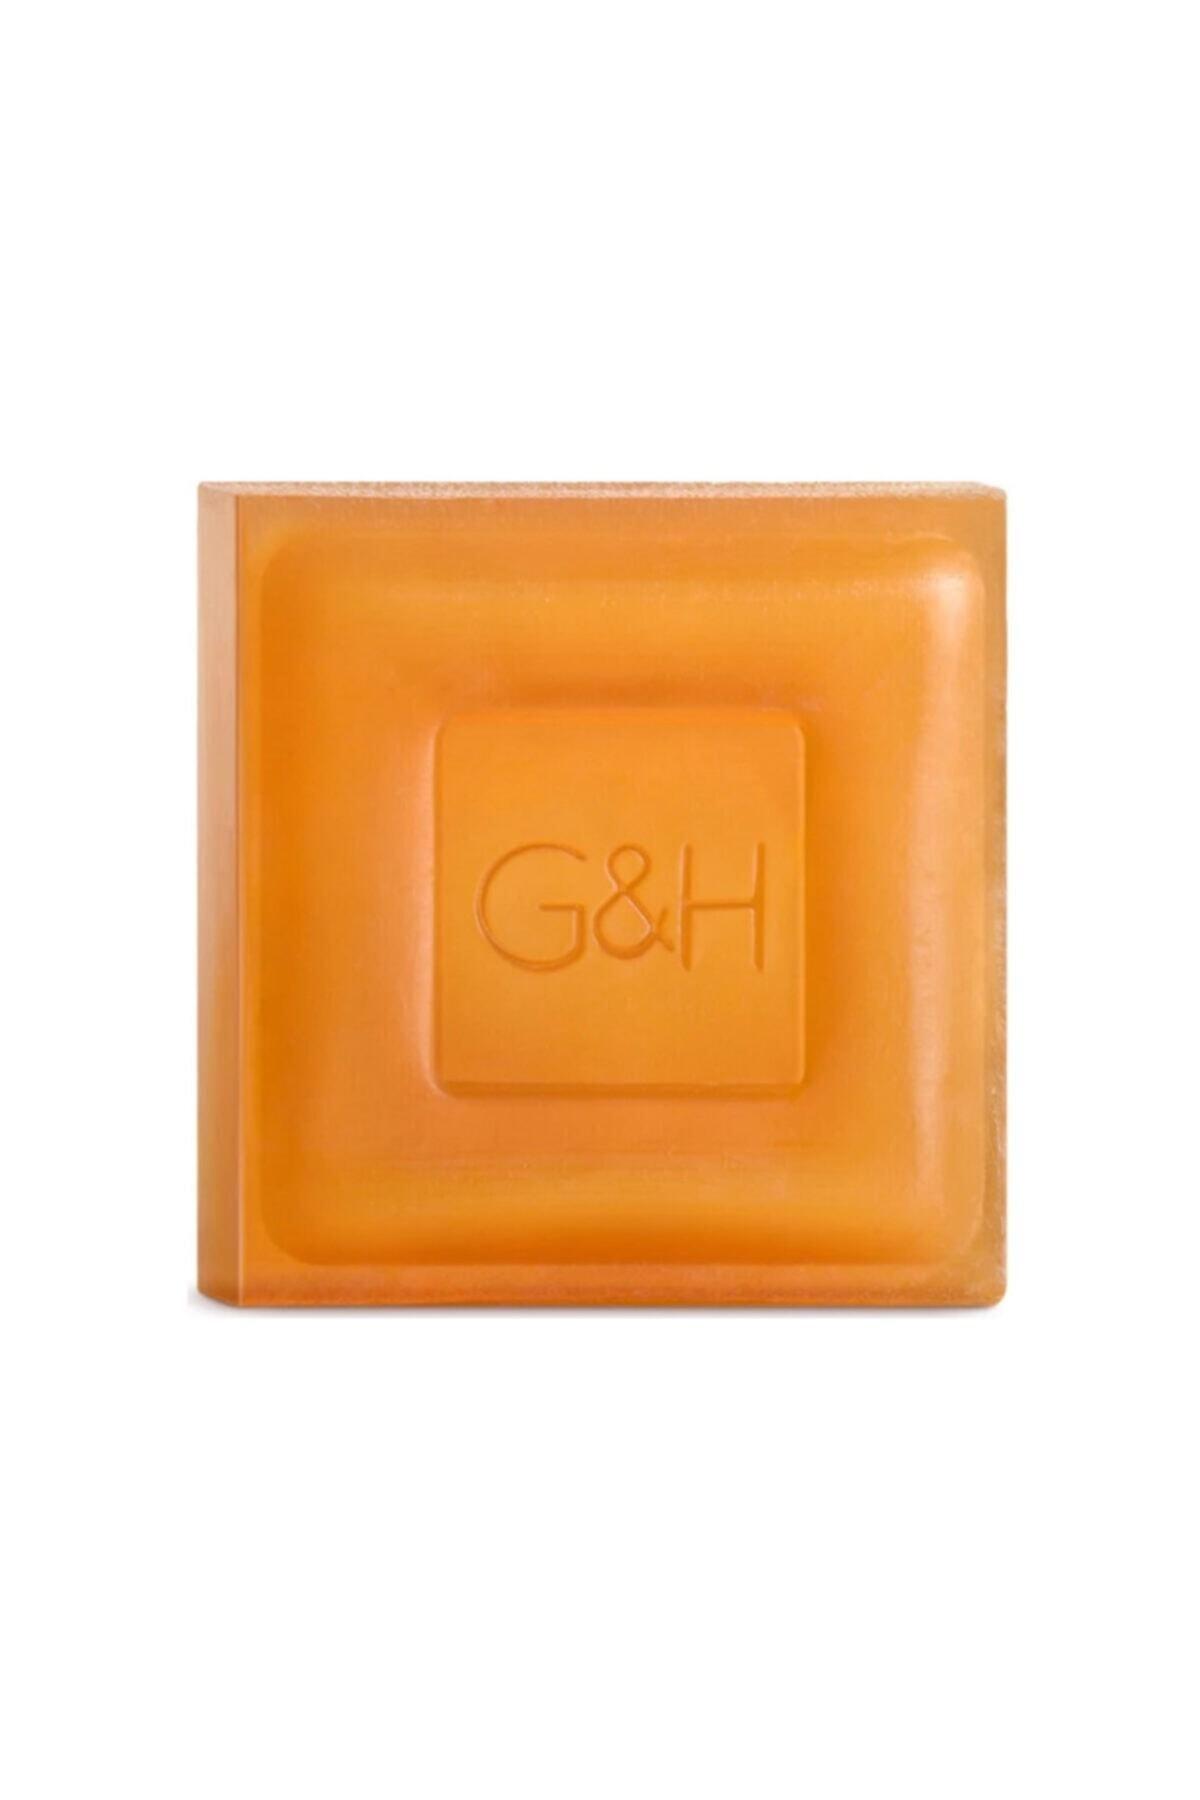 Amway Cilt Sabunu G & H Nourish %2b 3'lü Paket 1